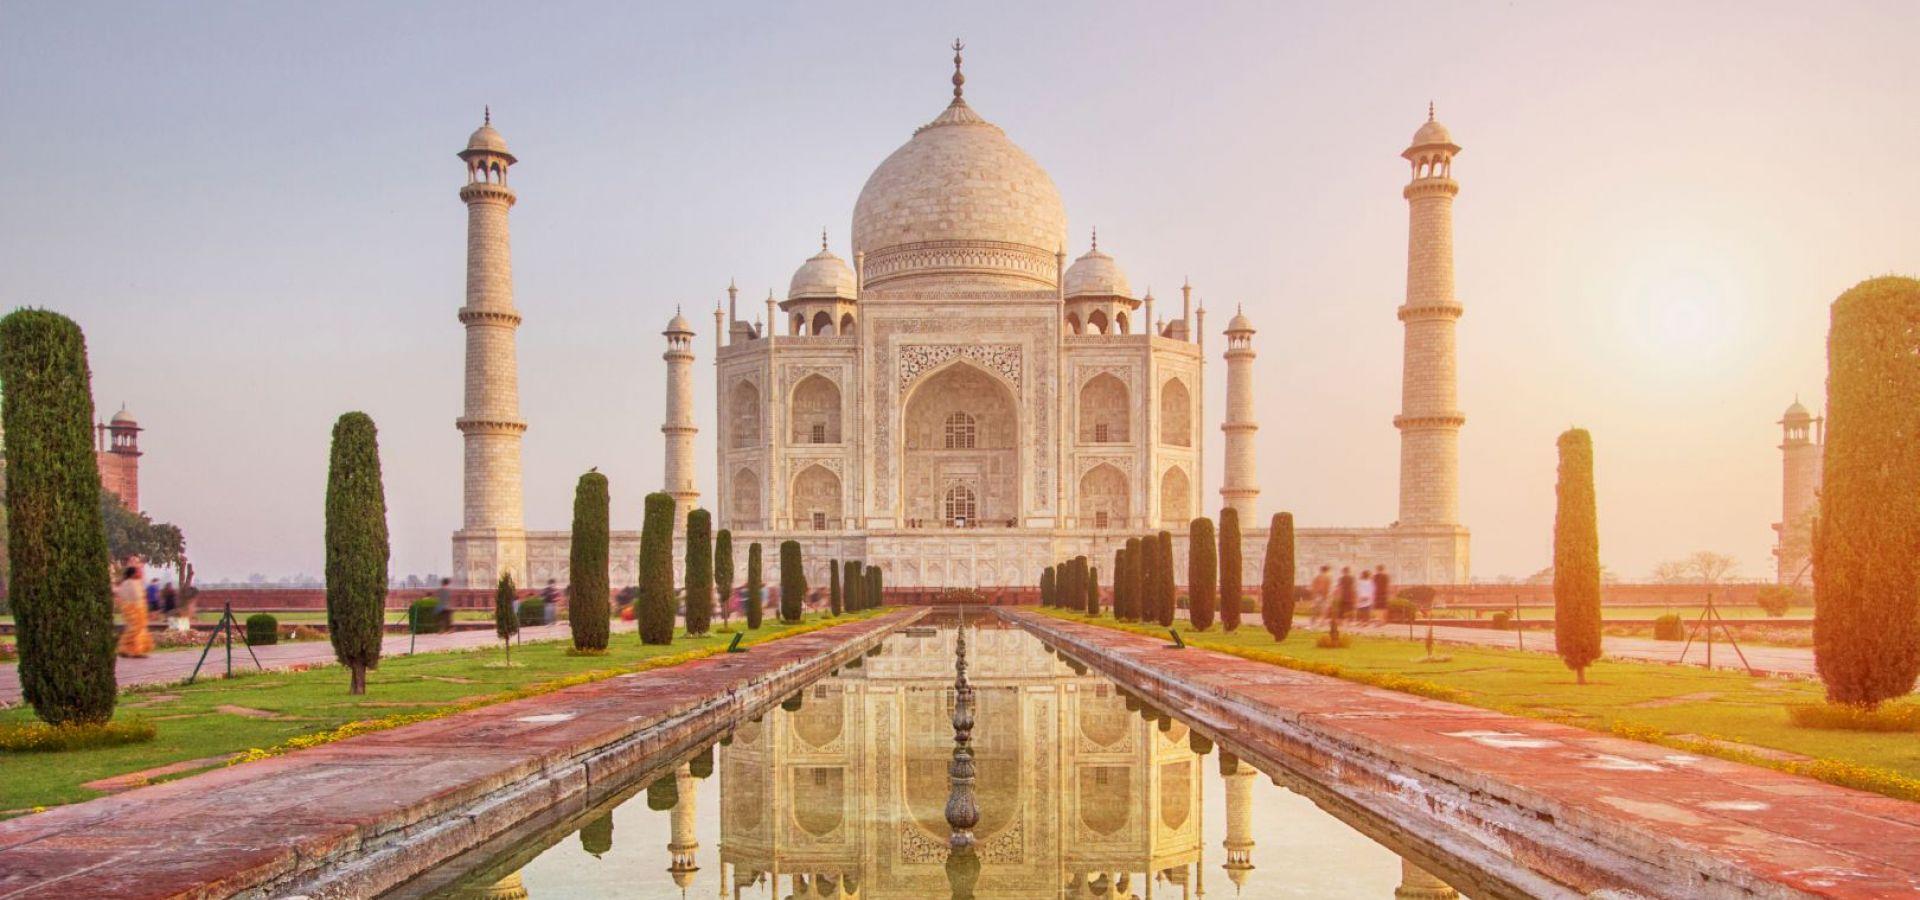 Dags för Indien? – ETF-analys